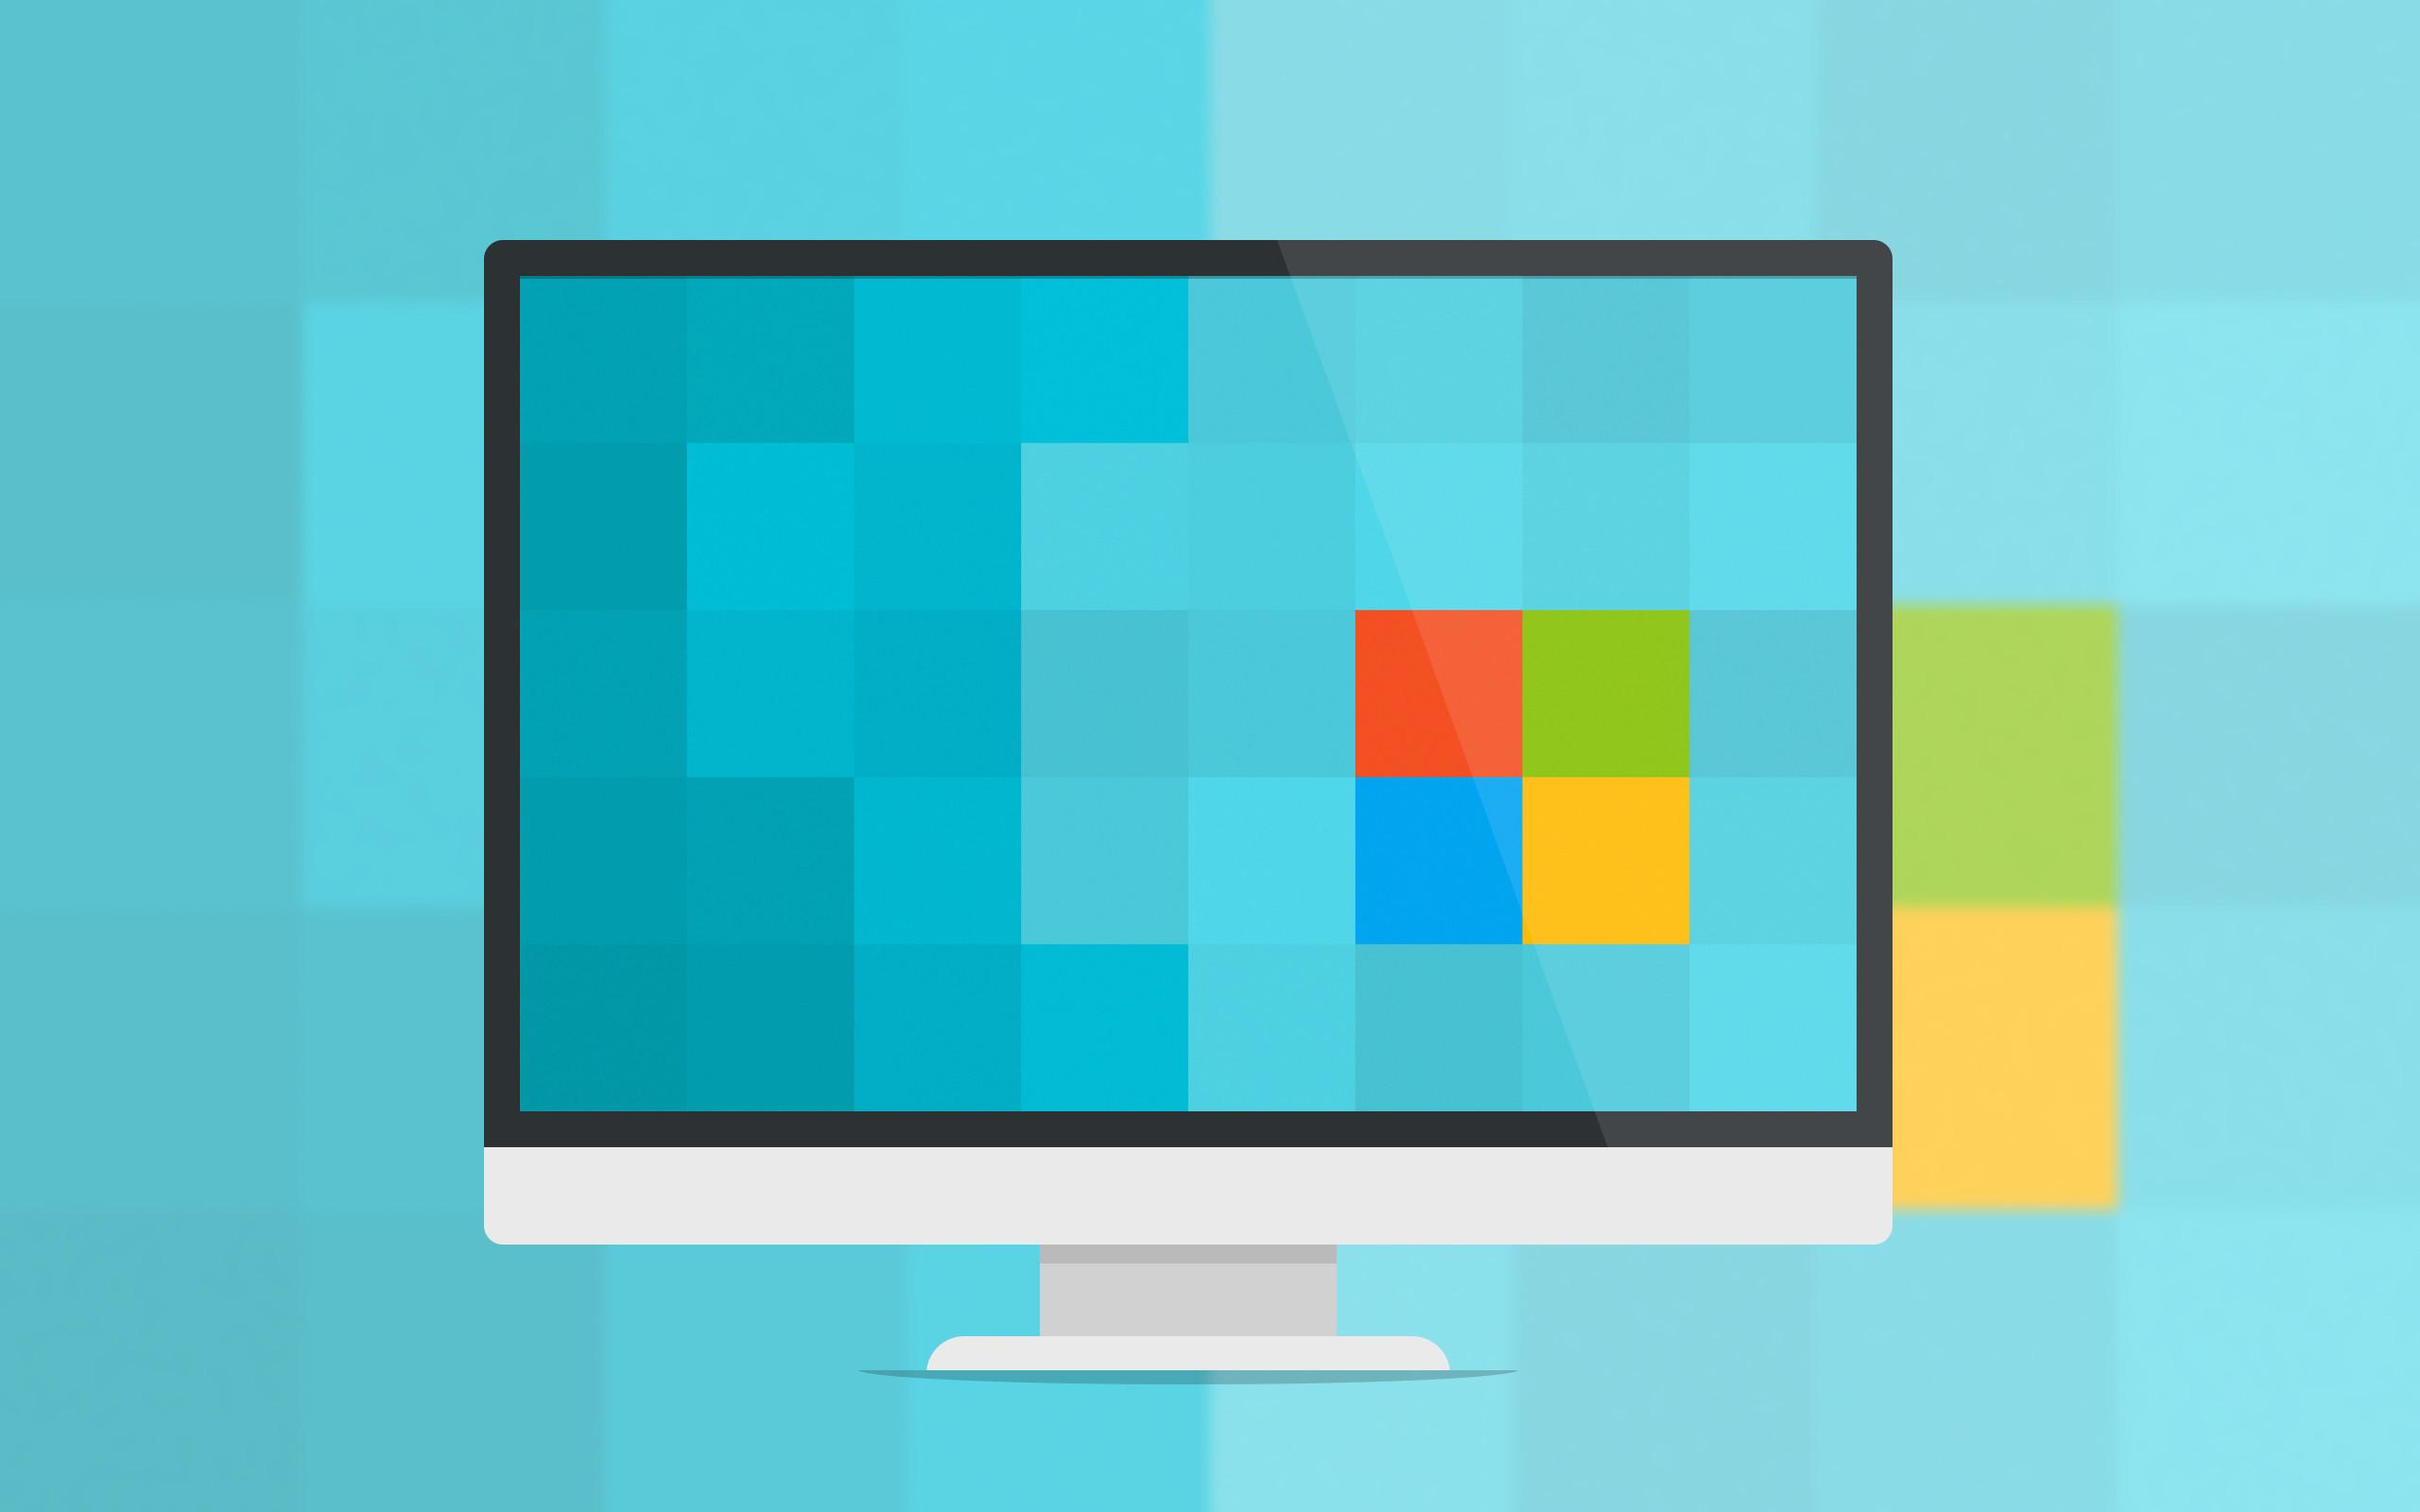 Minimalist Windows 10 Wallpaper – WallpaperSafari